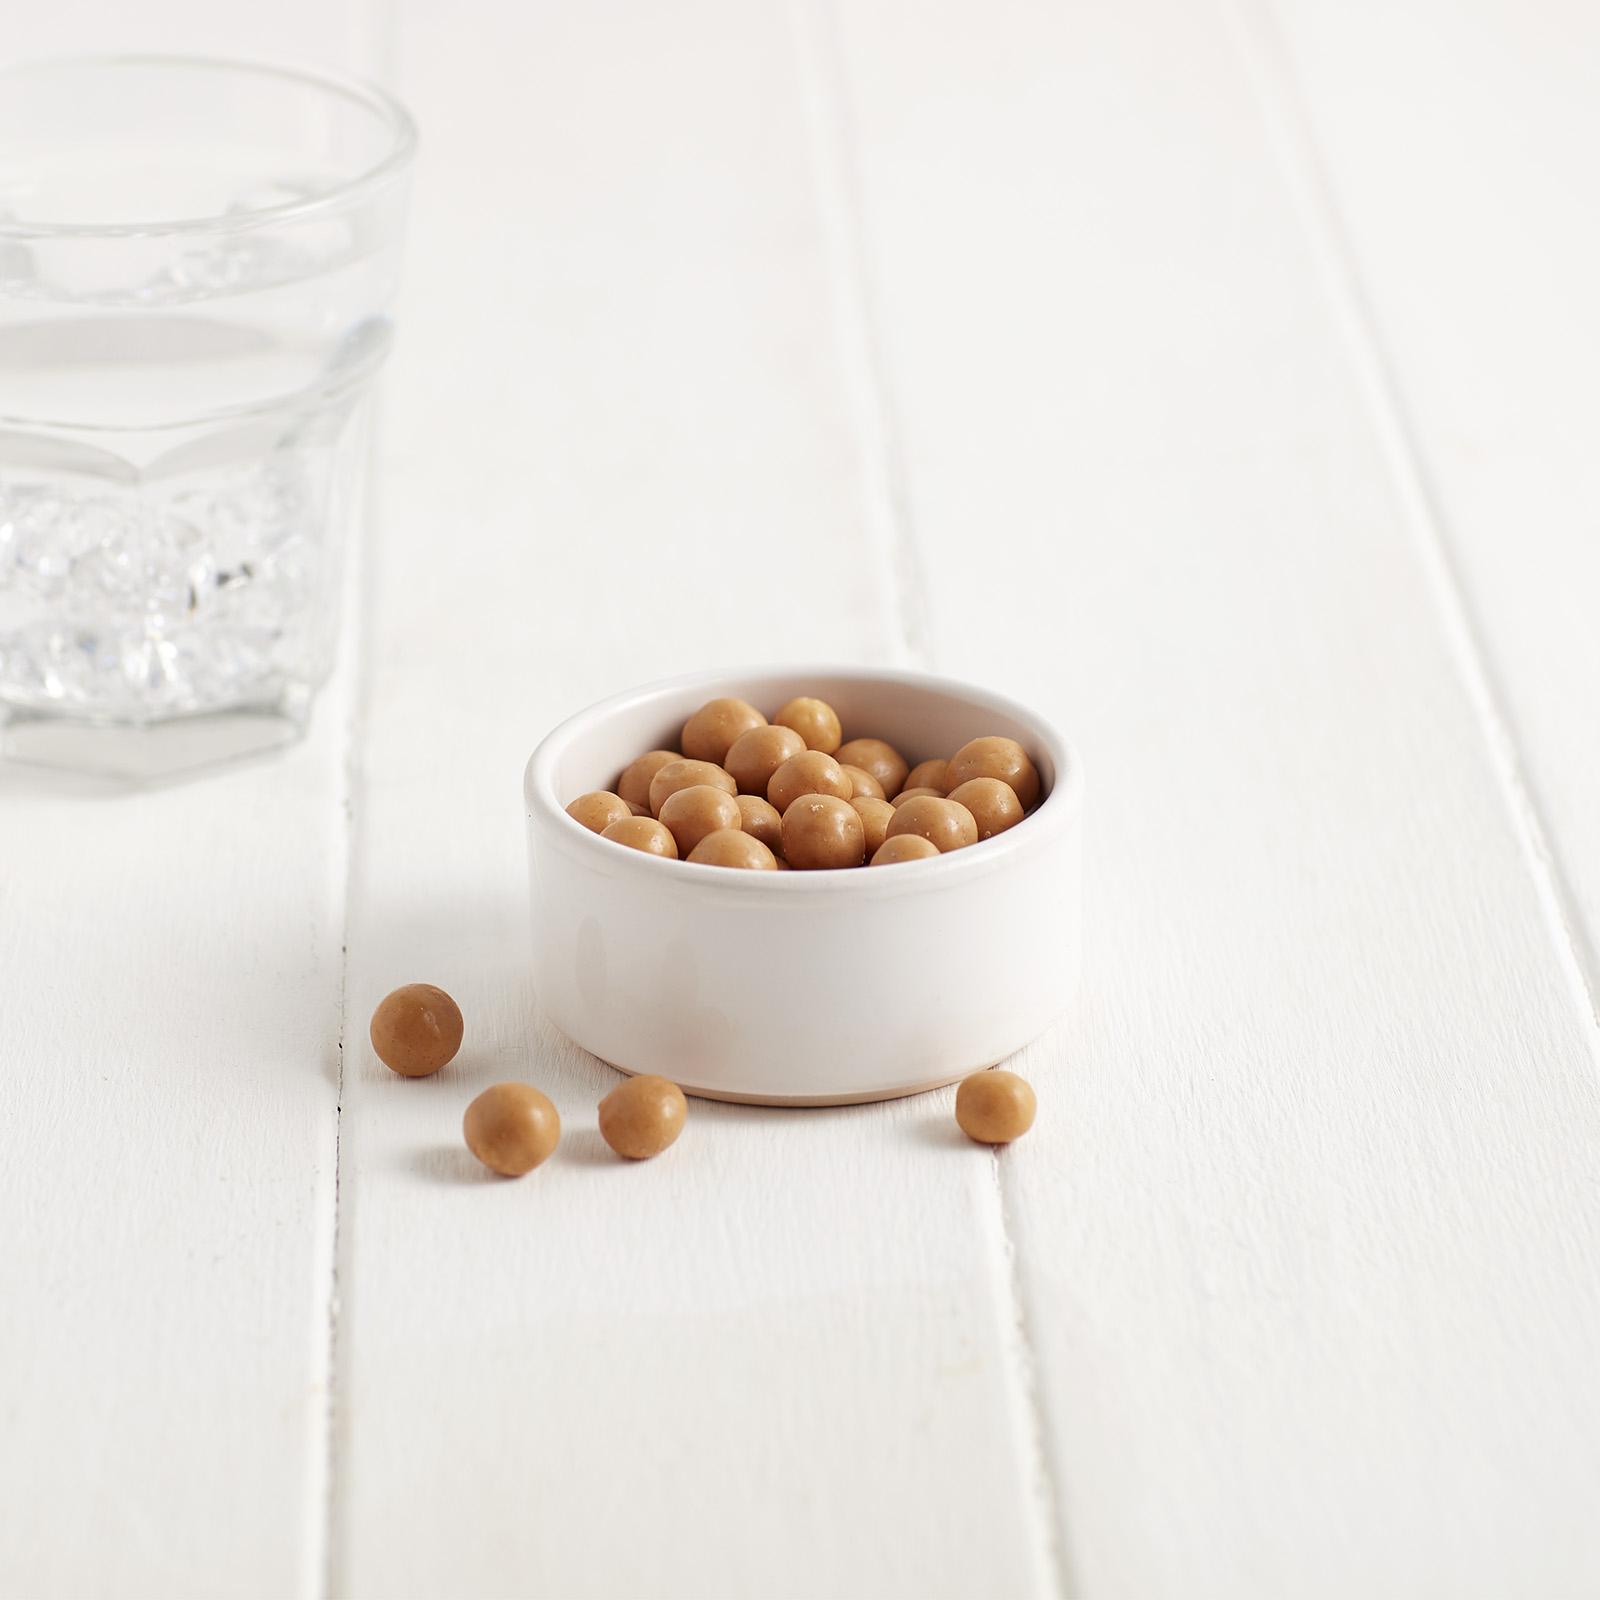 Bolitas de Cacahuete y Caramelo (7 unidades)